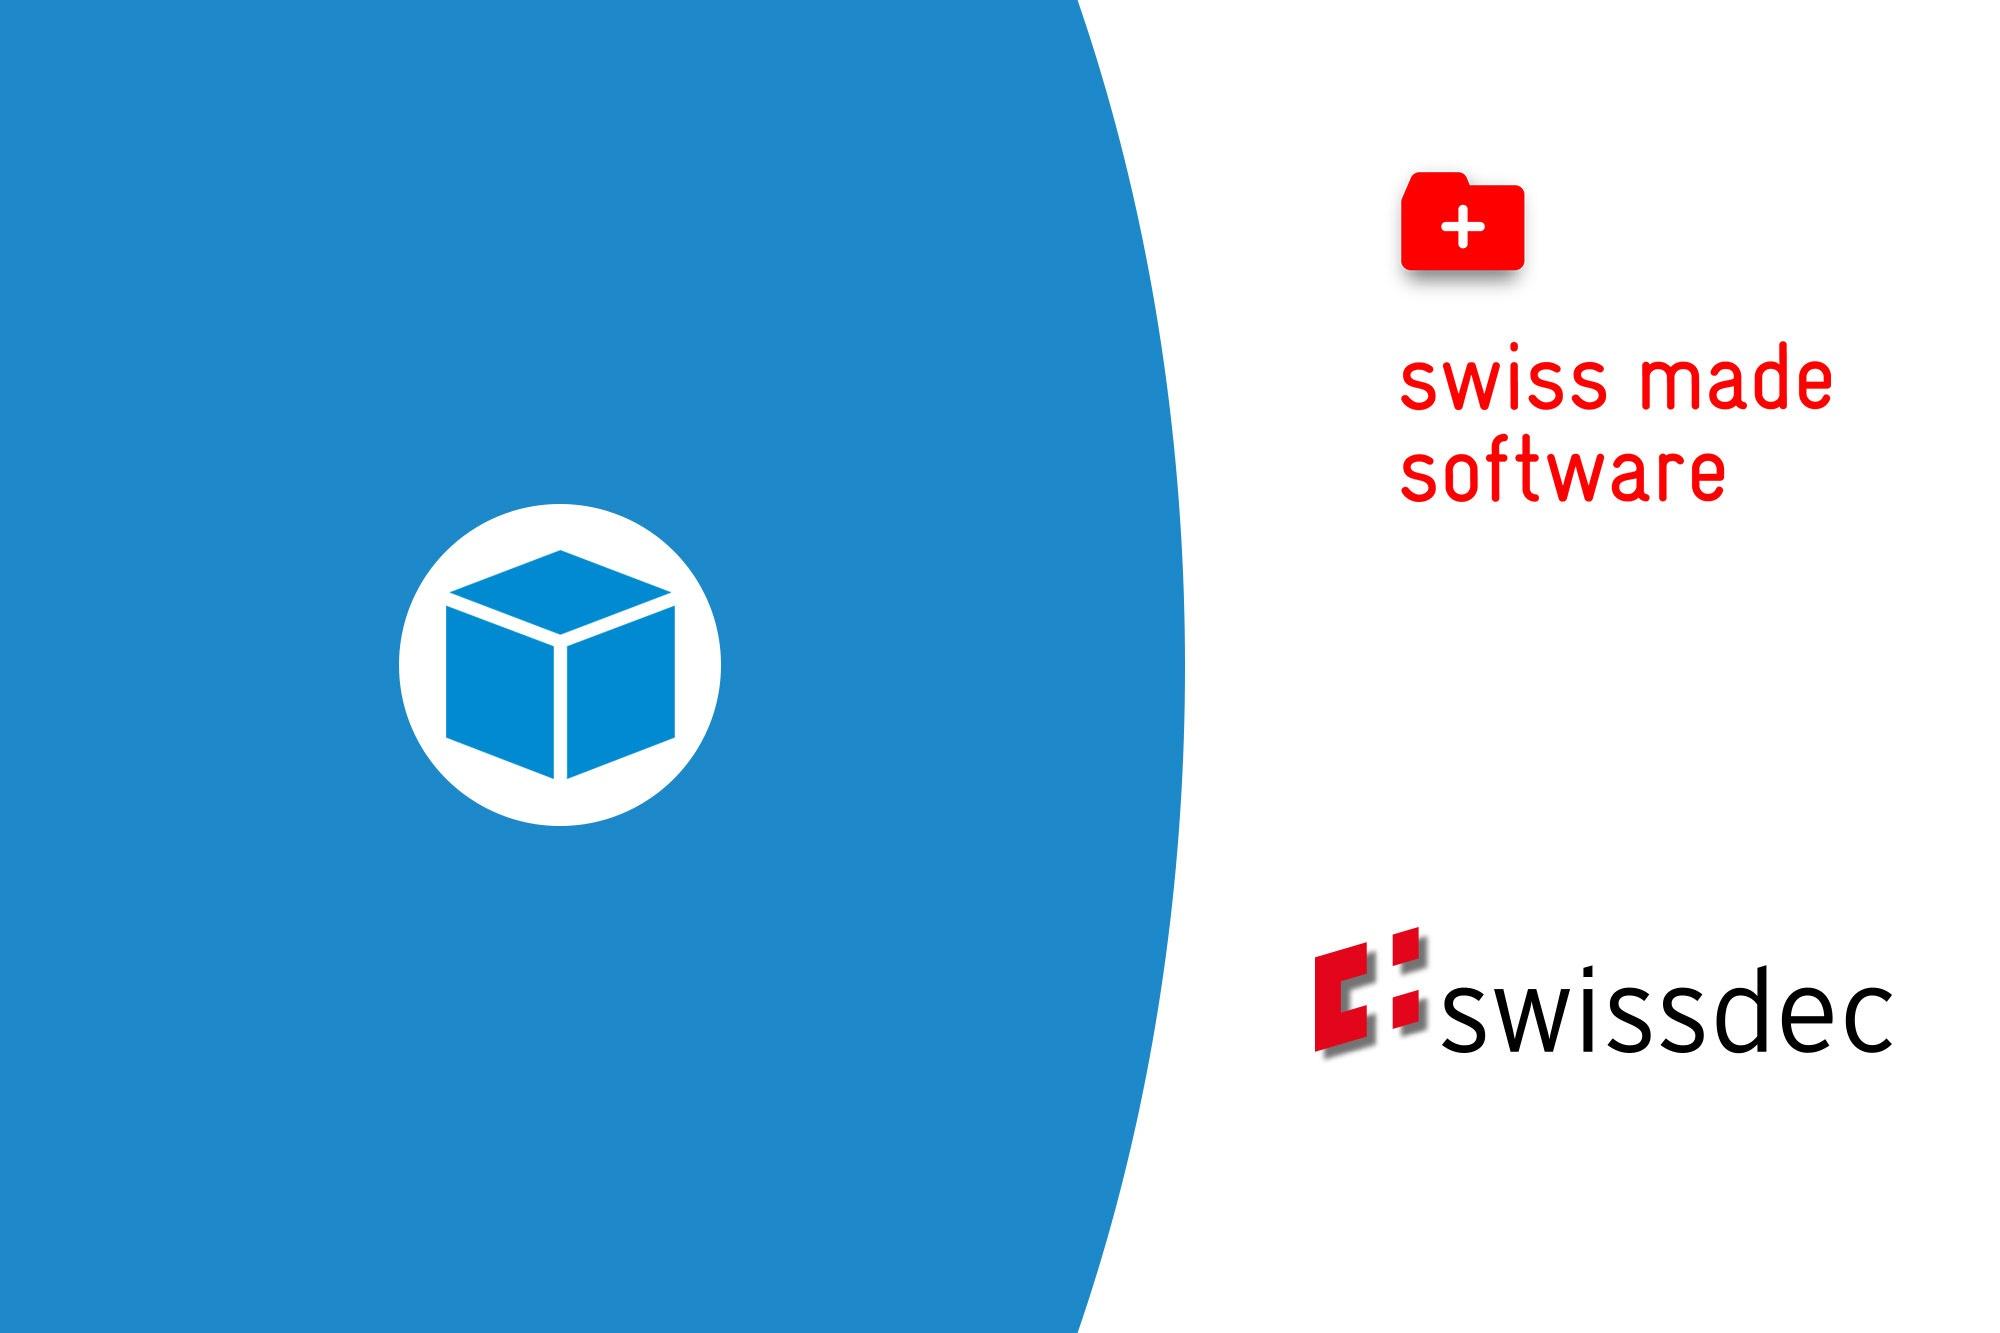 Zwei-Neue-Zertifikate-swiss_made-swissdec